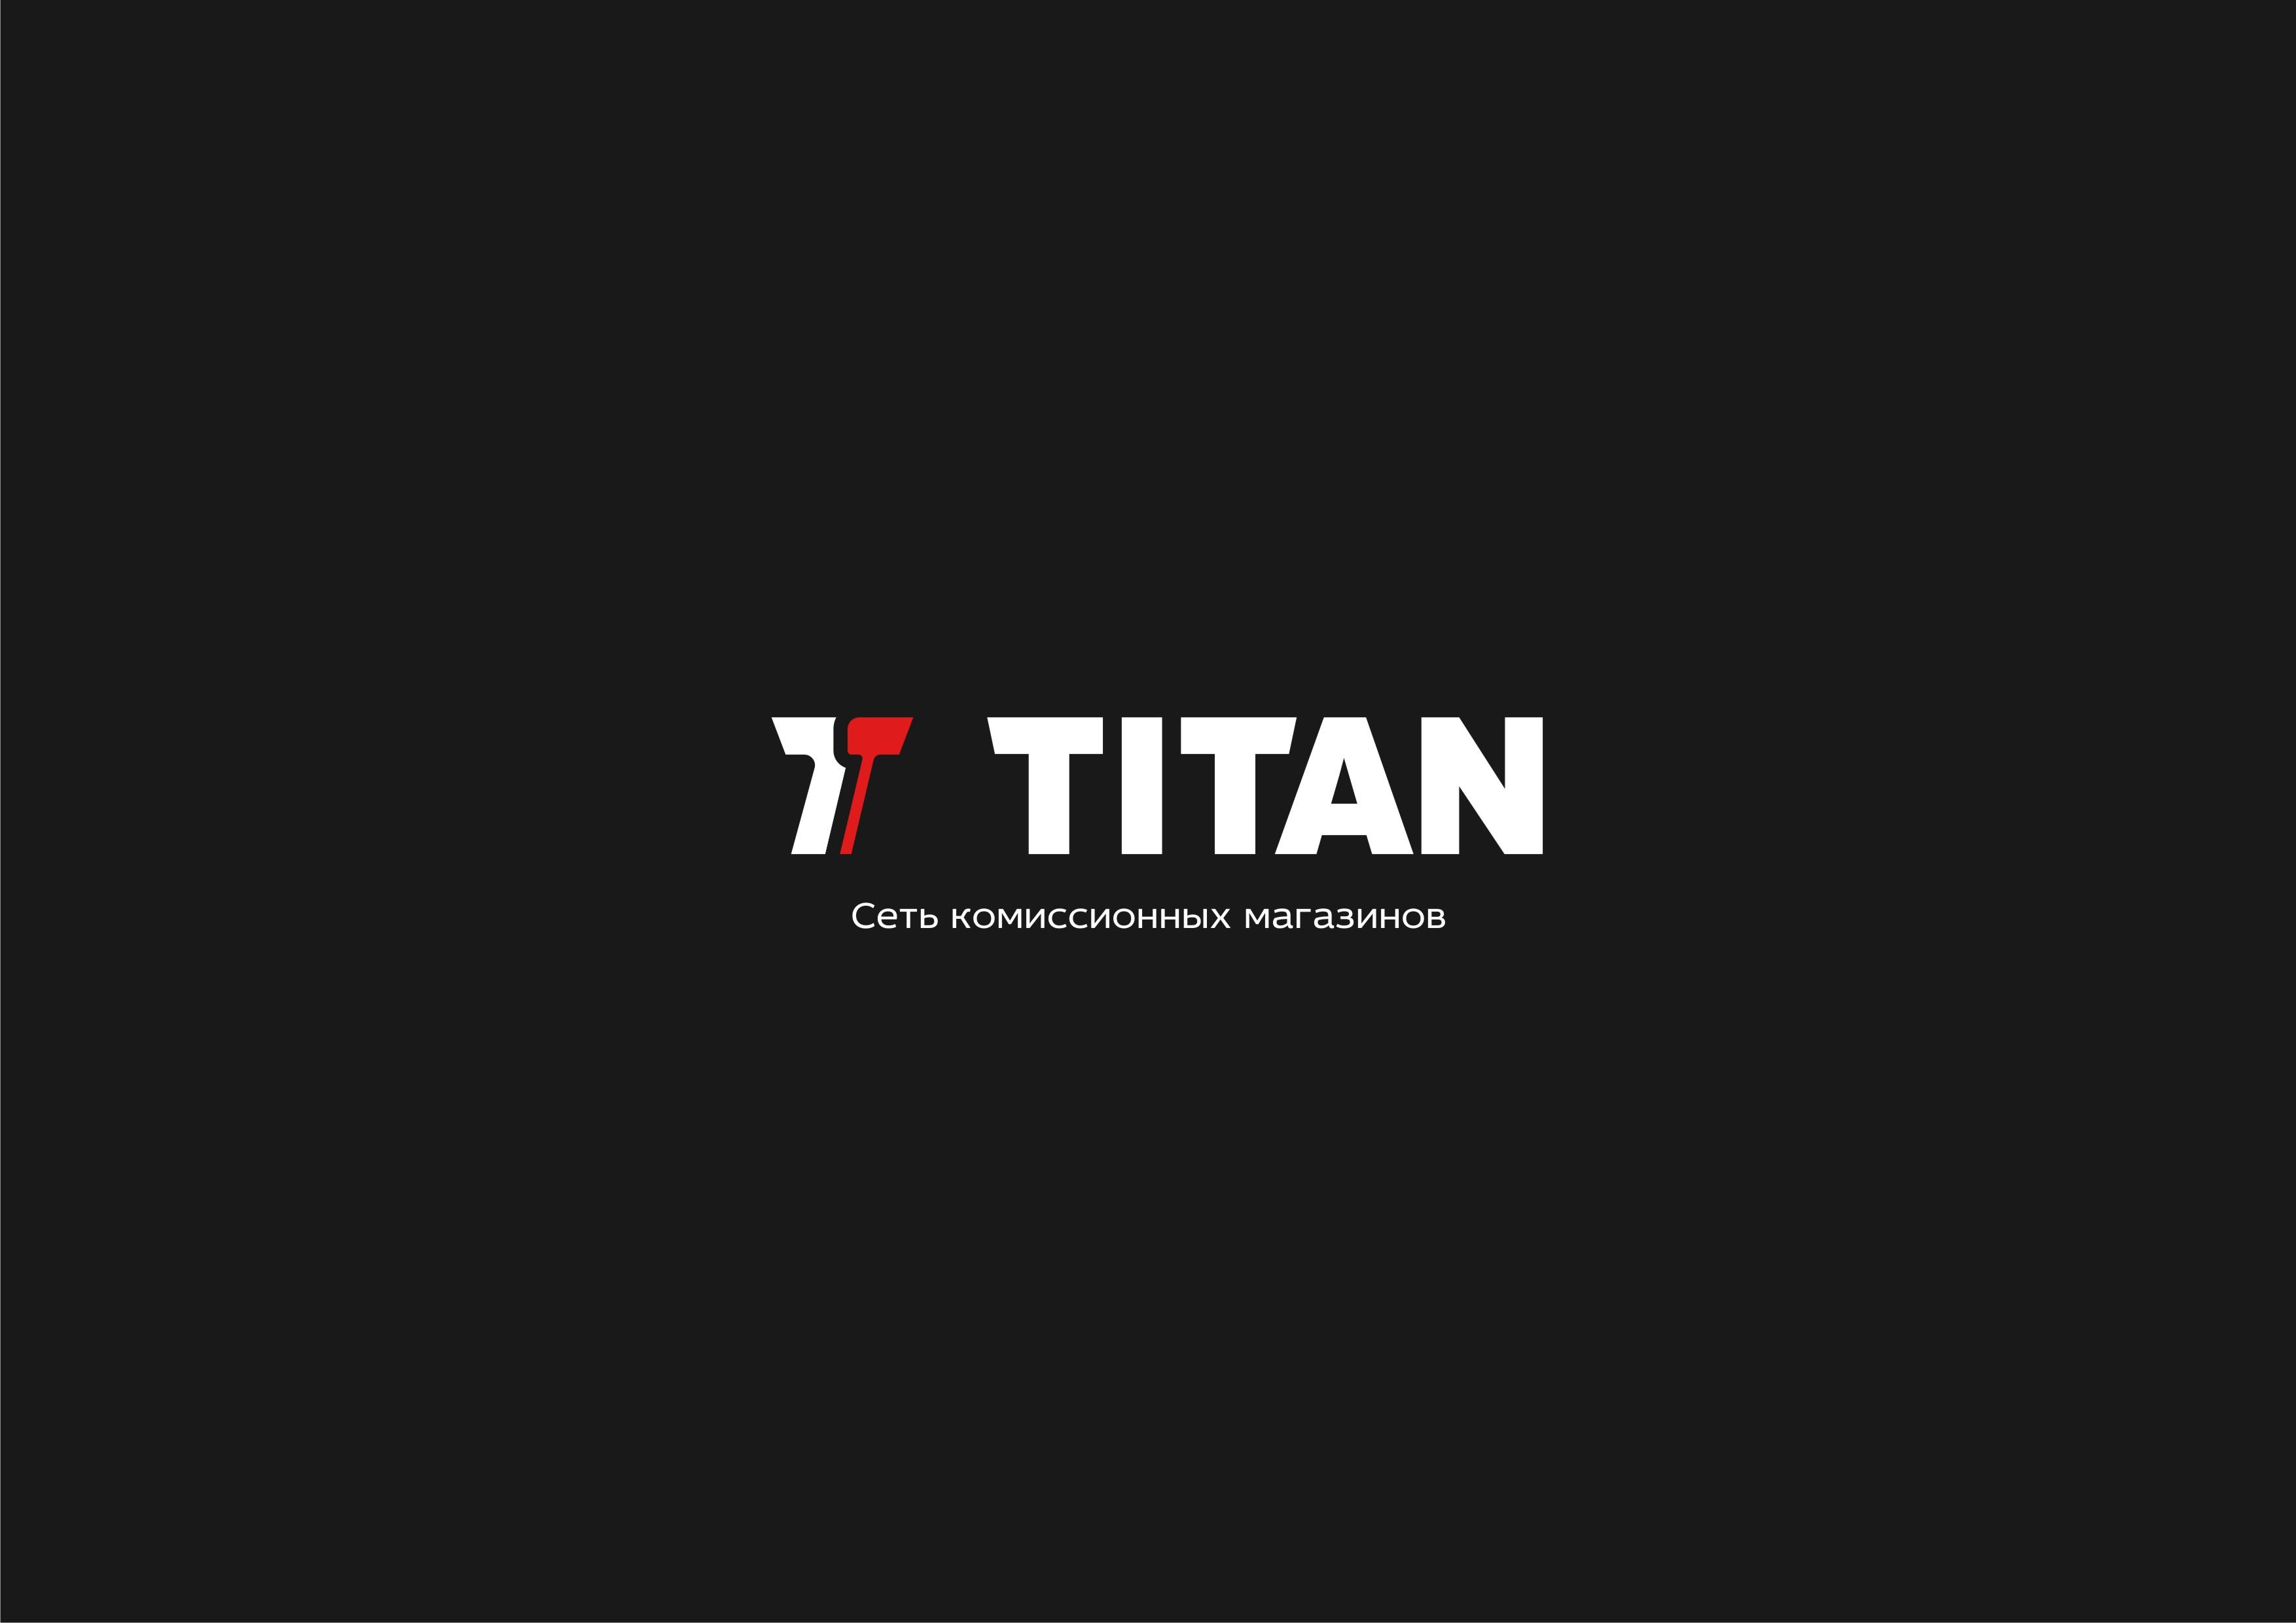 Разработка логотипа (срочно) фото f_1555d4a06a76b6aa.jpg